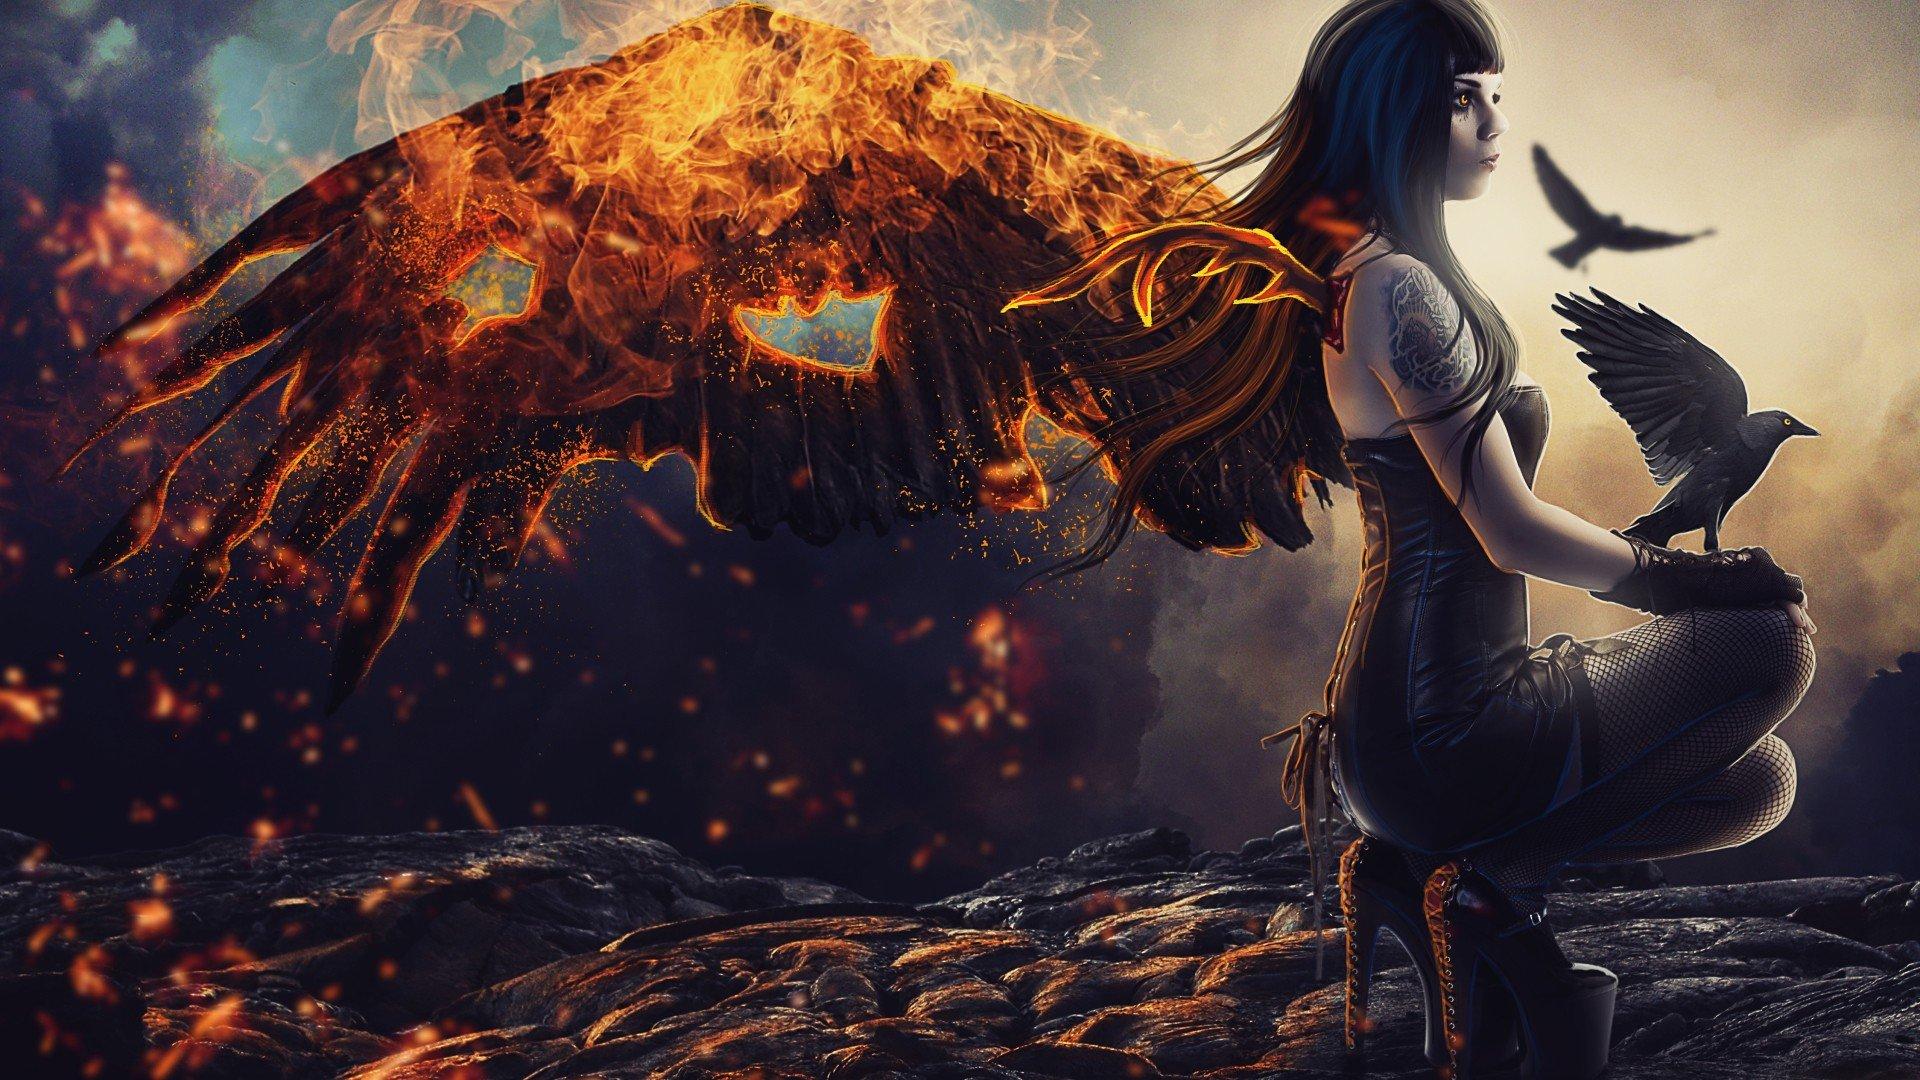 fantasy art, Fire, Birds, Fantasy girl Wallpaper